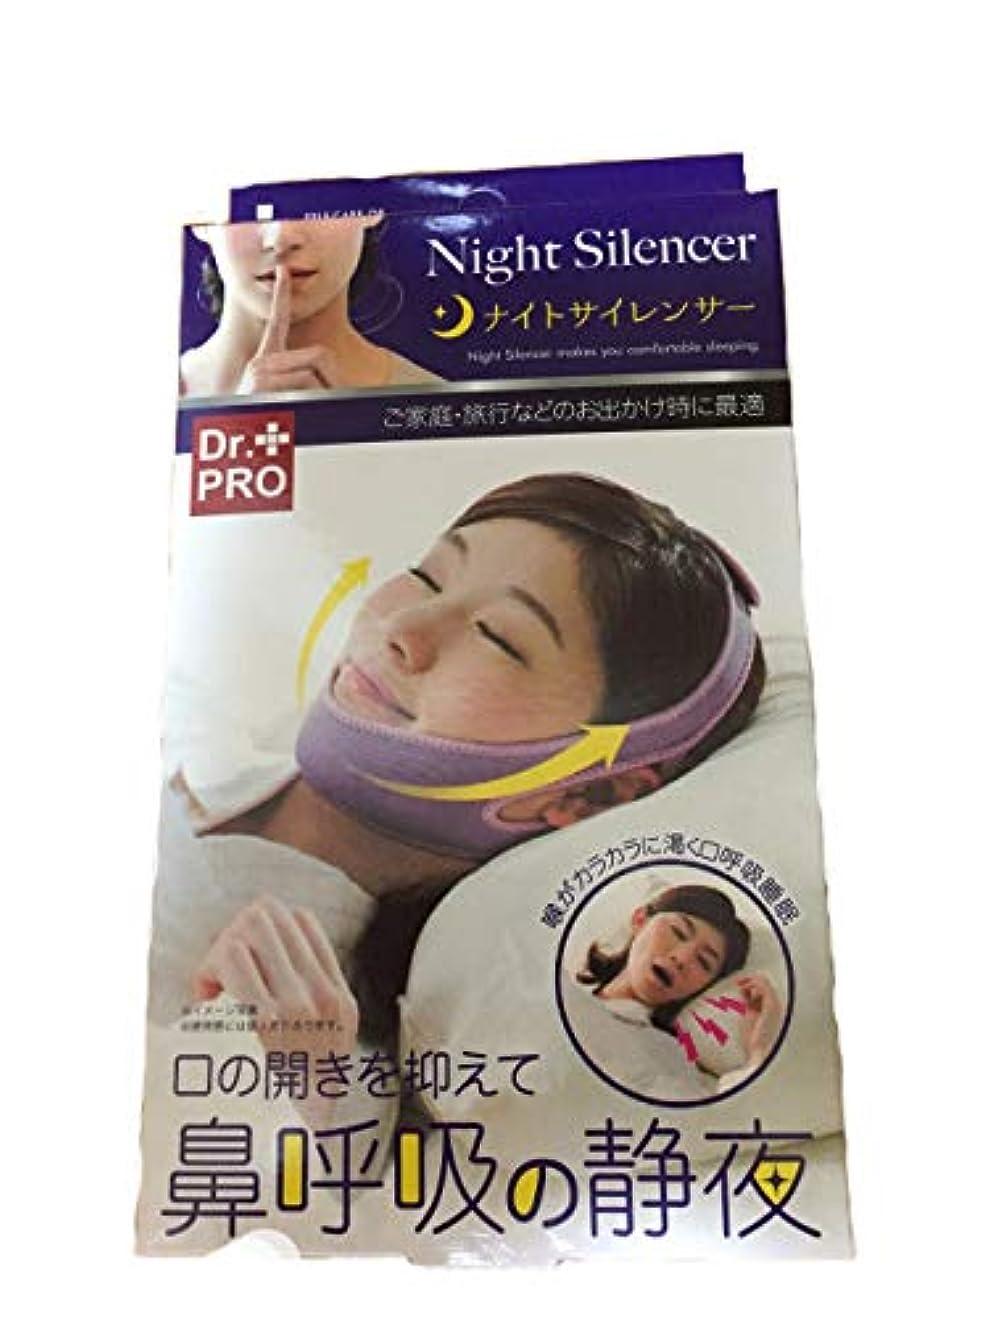 殺しますオークモスクHITKUL いびき防止 鼻呼吸 口呼吸 防止 二重あご 顔のたるみ 解消 旅行 小顔 補正 ベルト 器具